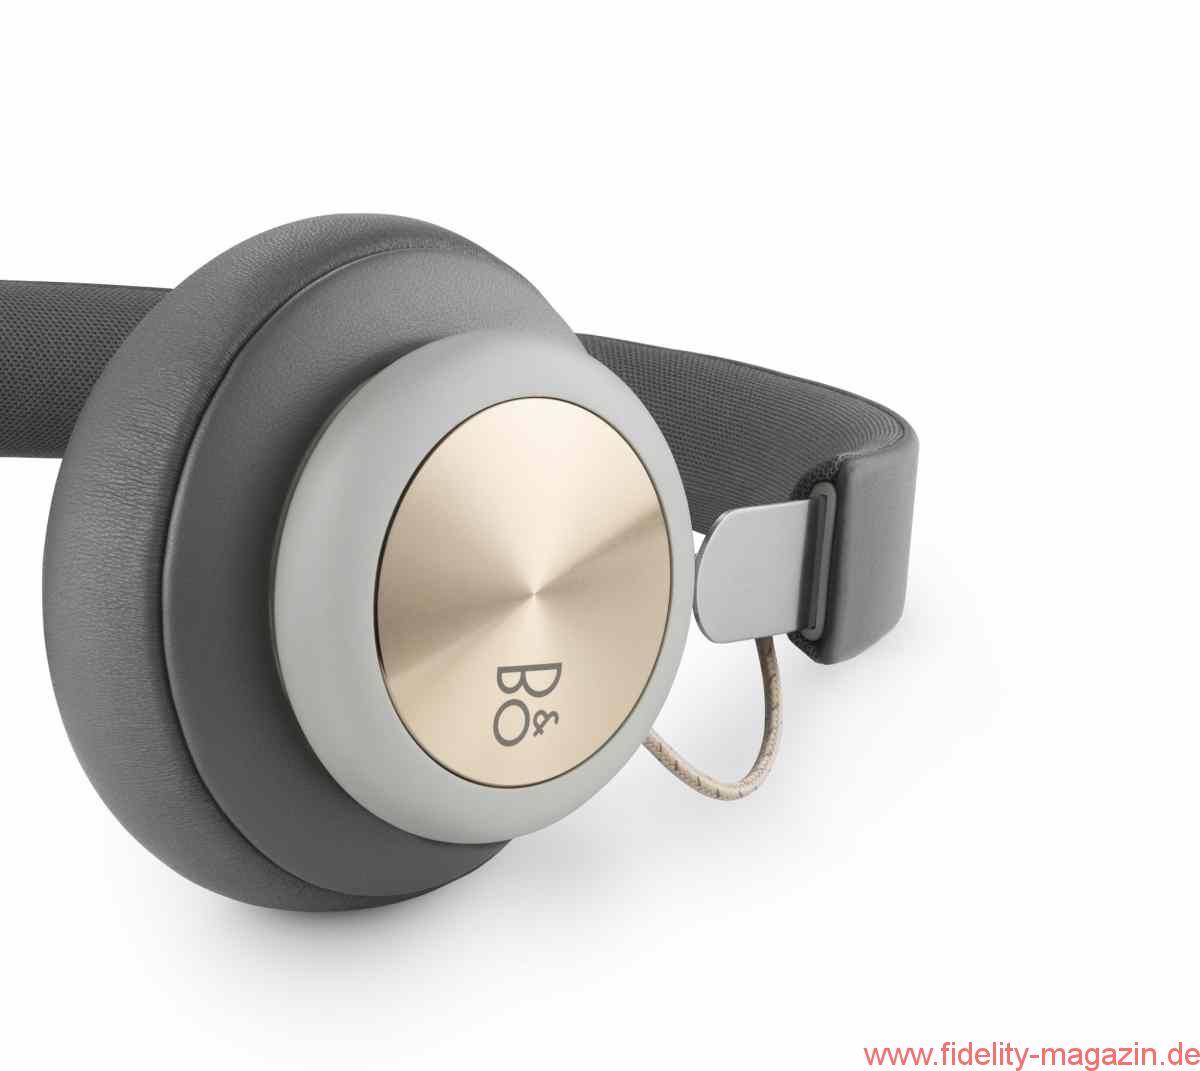 b o stellt den neuen kabellosen beoplay h4 vor fidelity. Black Bedroom Furniture Sets. Home Design Ideas